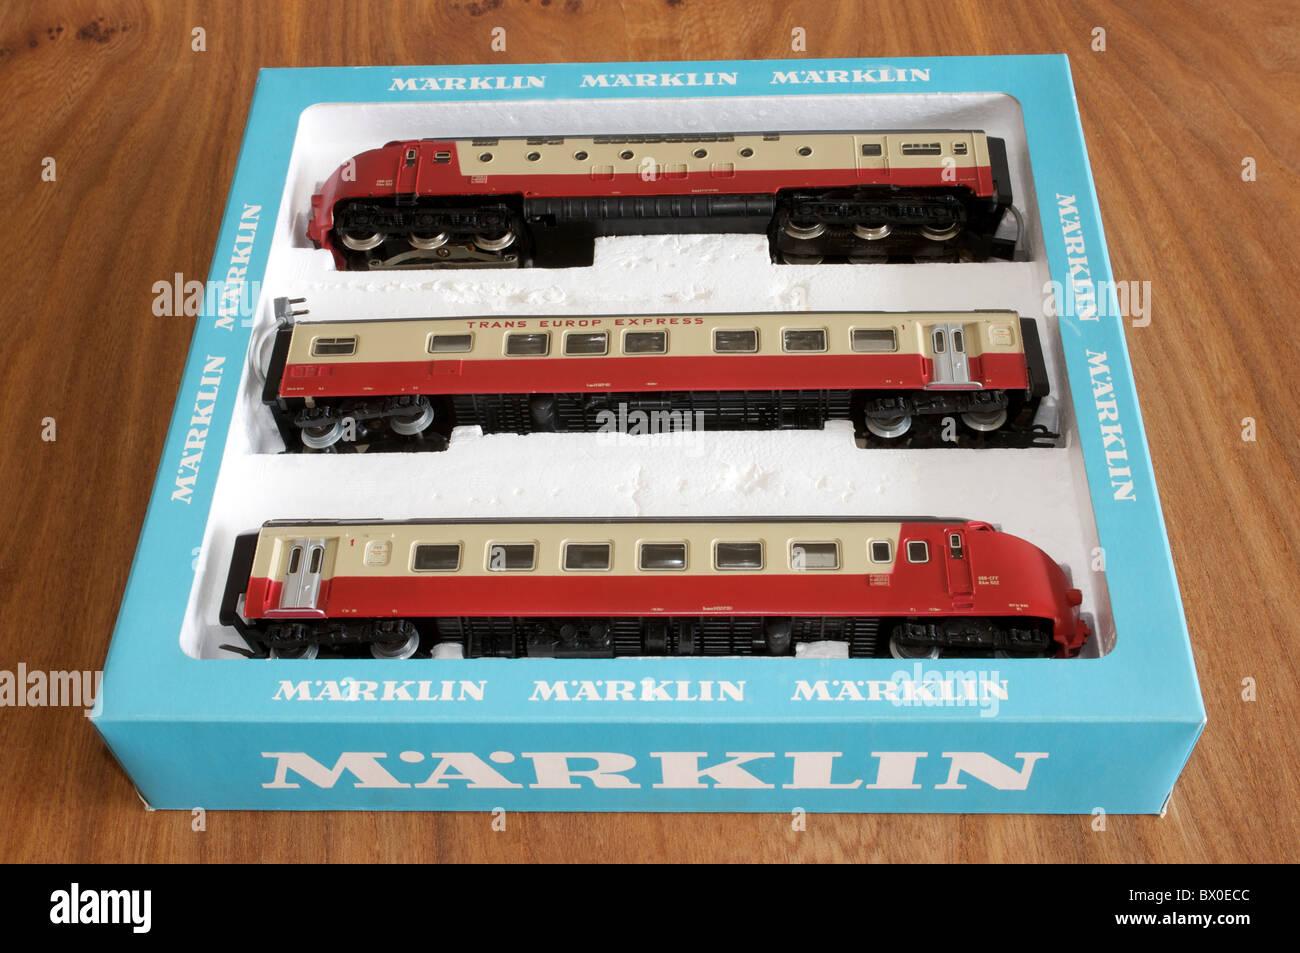 Marklin toy train set Stock Photo